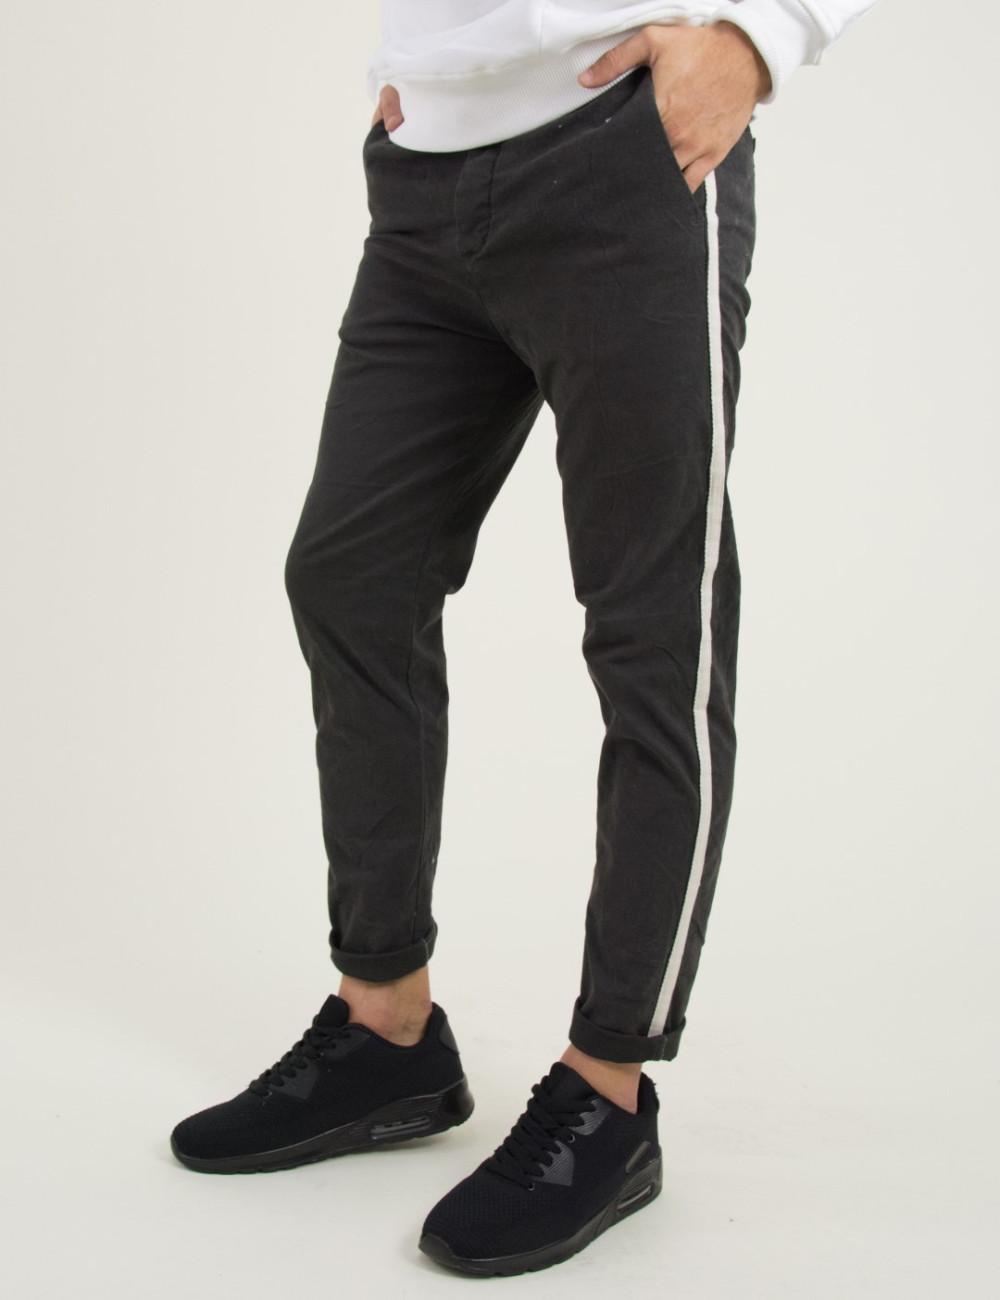 Ανδρικό γκρι υφασμάτινο παντελόνι πλαϊνή ρίγα 8056